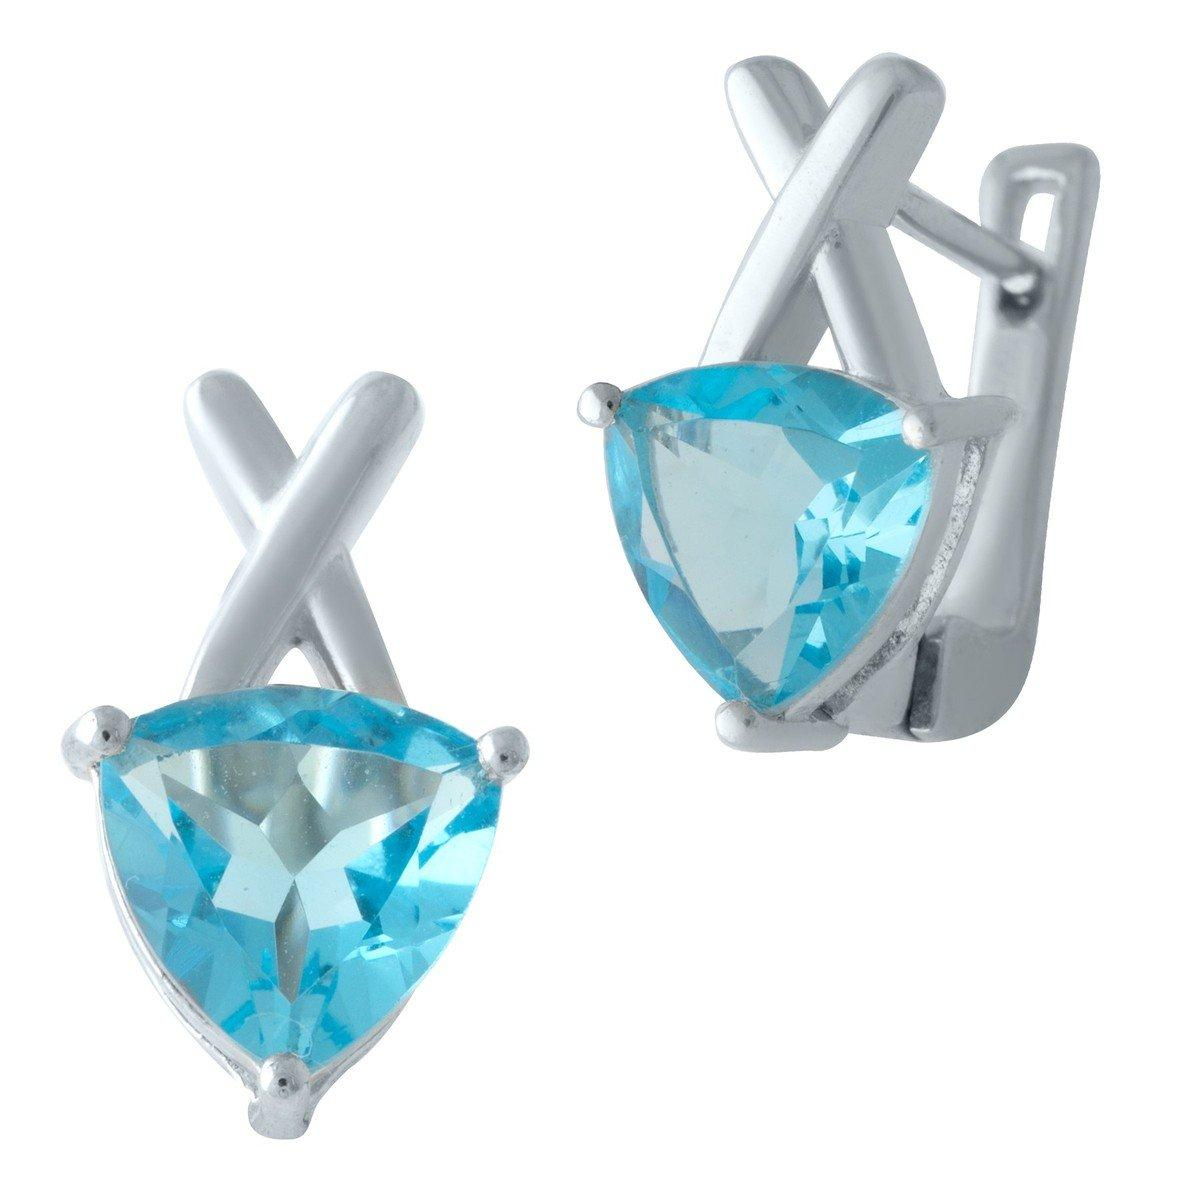 Серебряные серьги DreamJewelry с аквамарином nano (2011842)